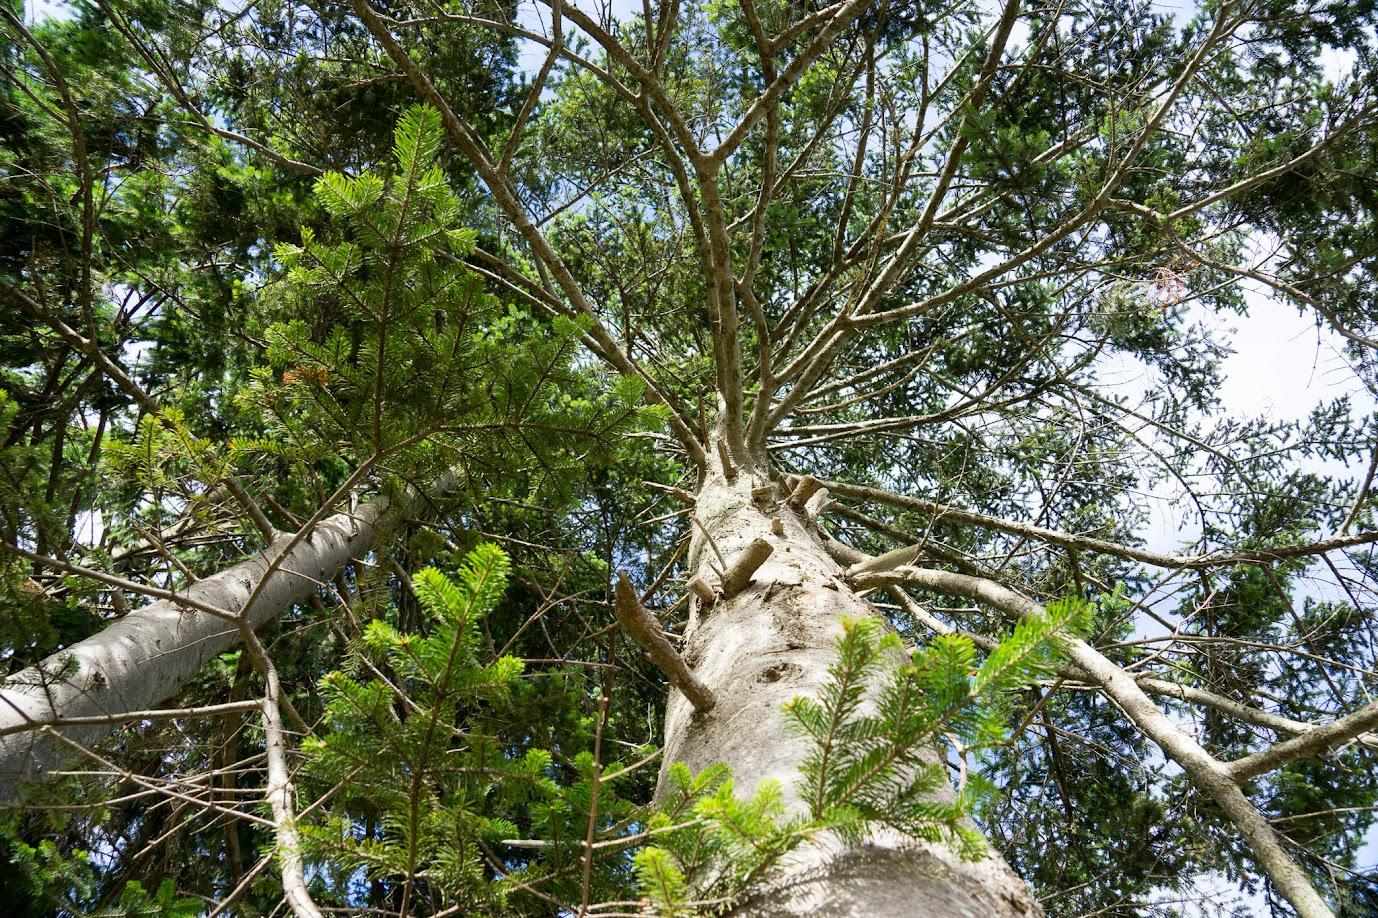 天空にのびゆく樹木